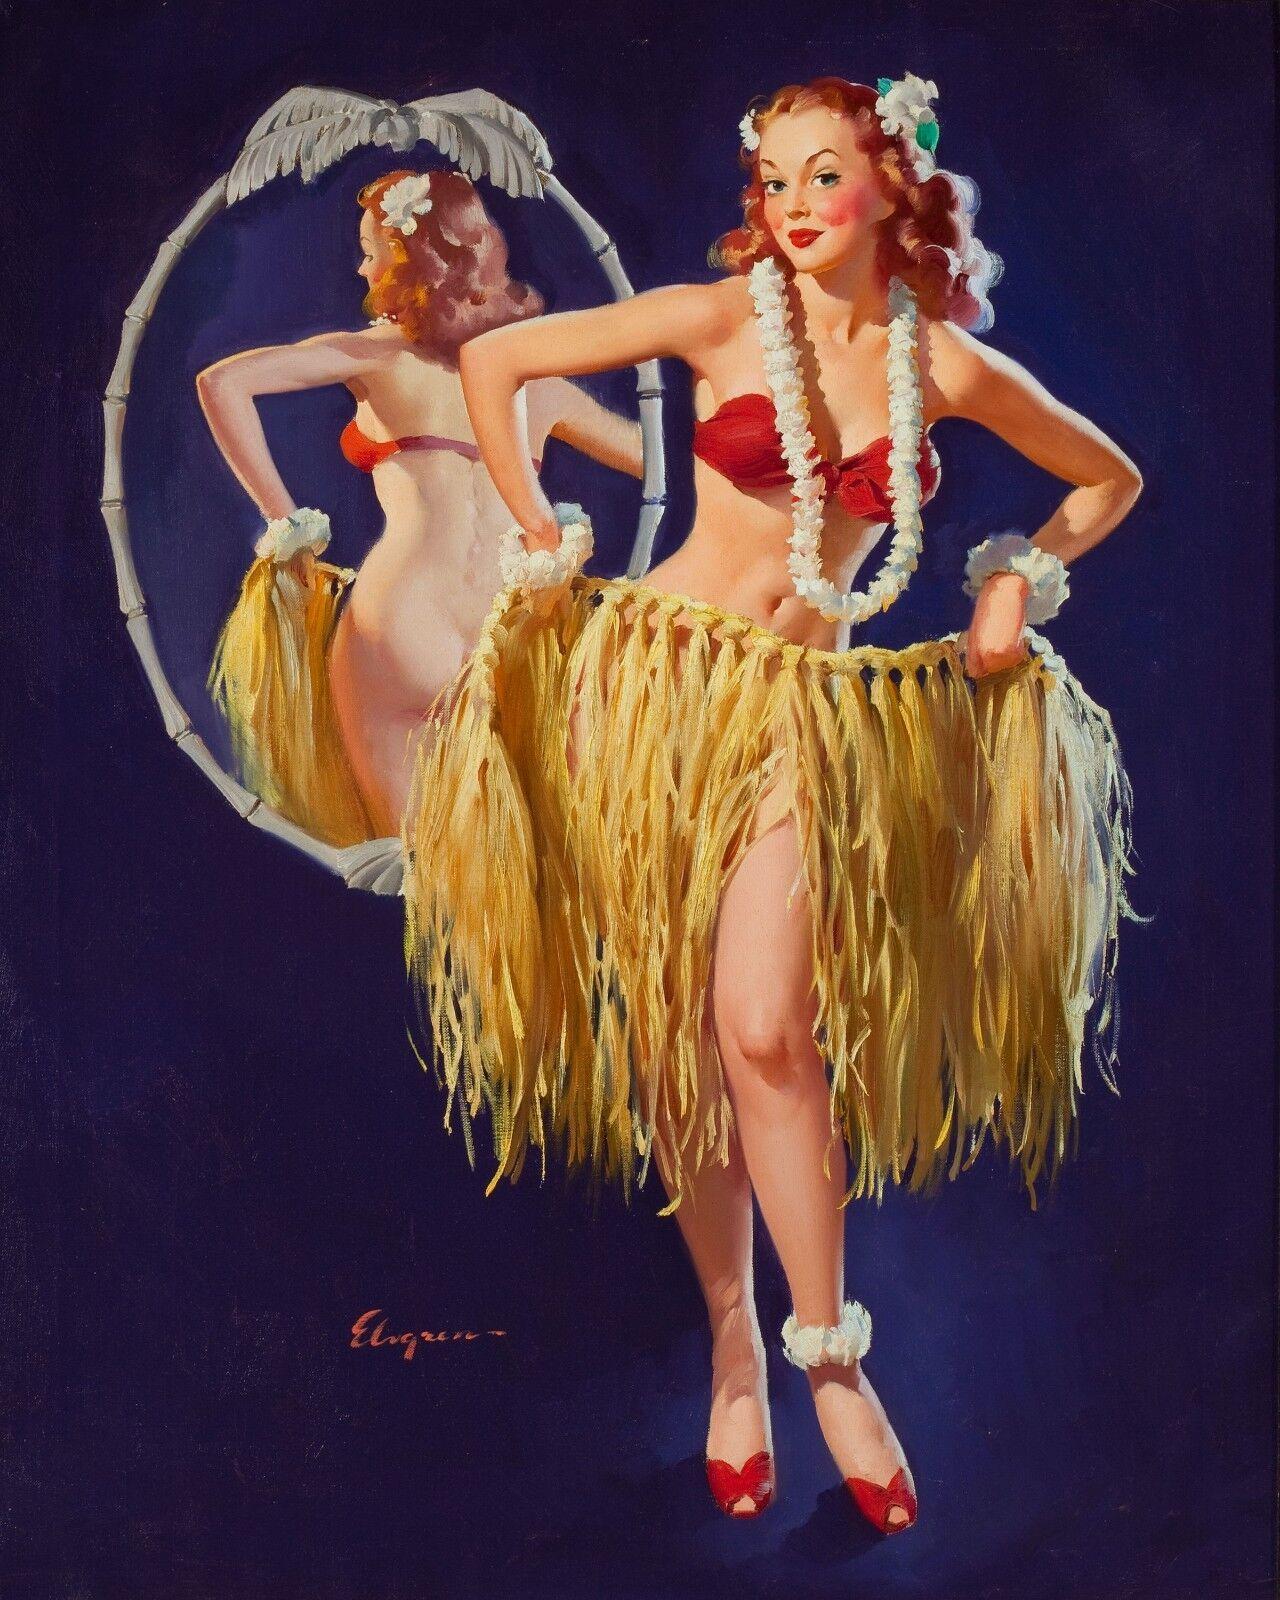 Vintage Pin Up Filles Rétro Burlesque Érotique Imprimés /& Affiches A1 A2